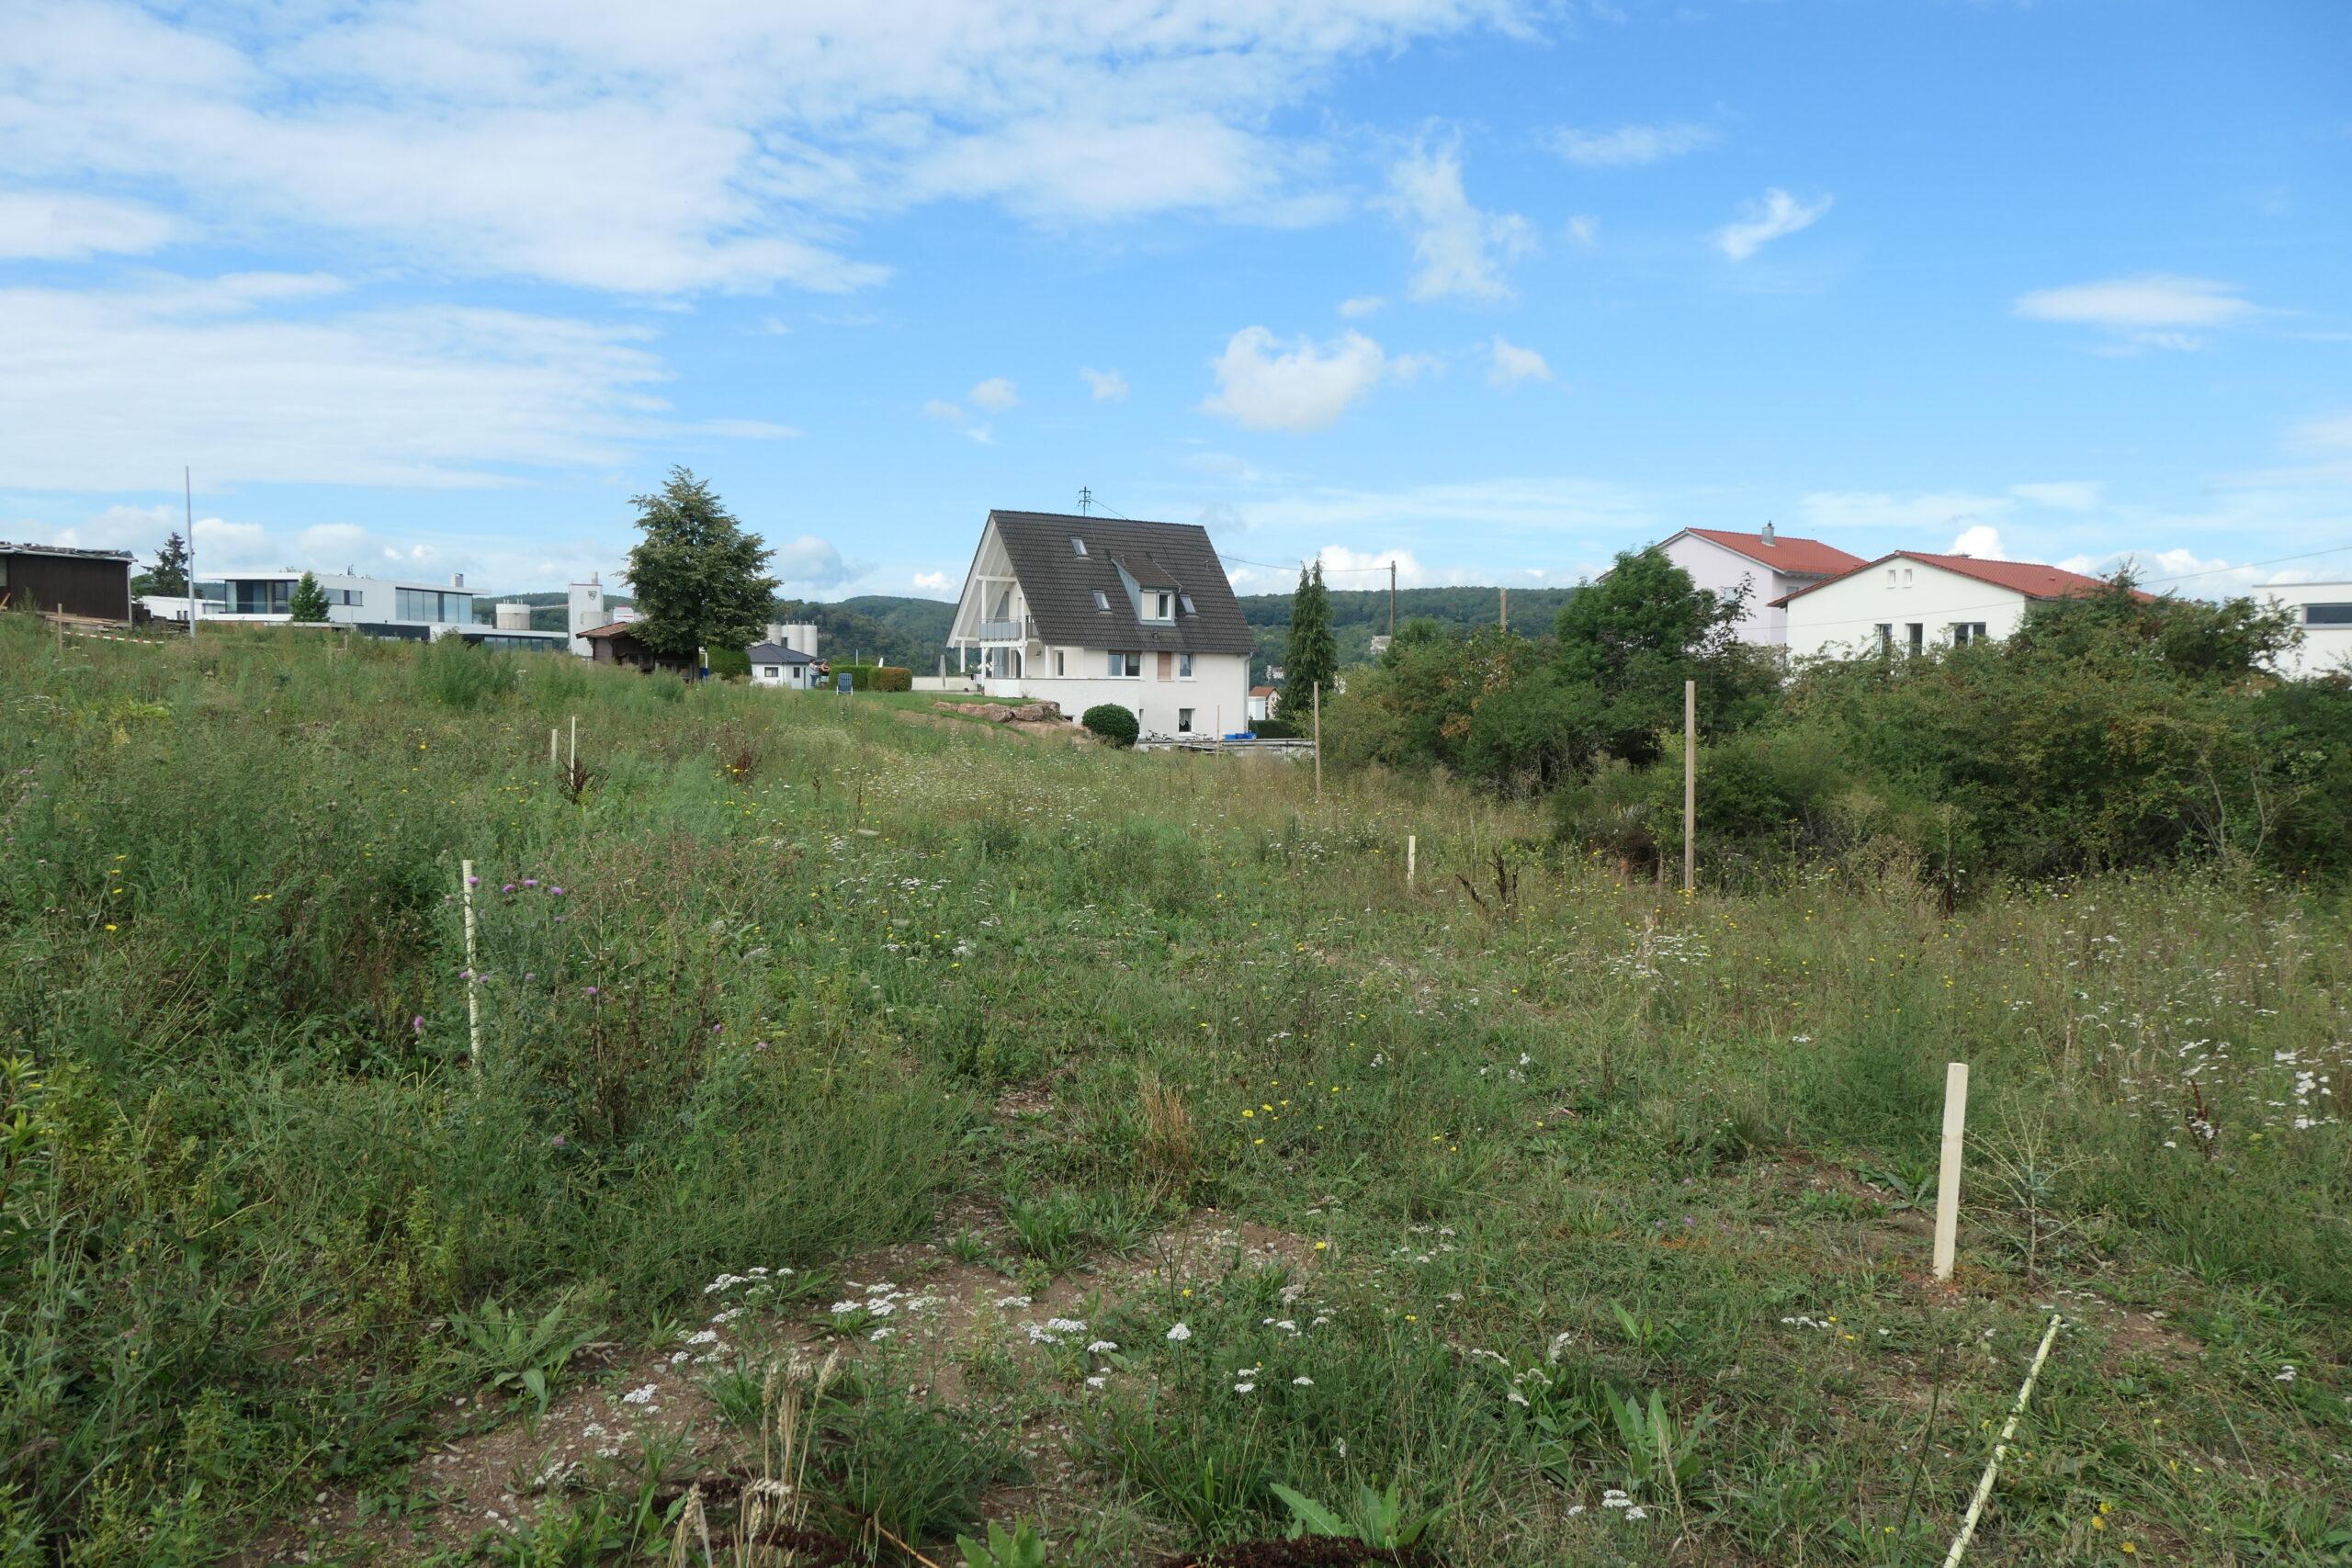 Grundstueck - Geisberg 15 - Karlstadt (1)